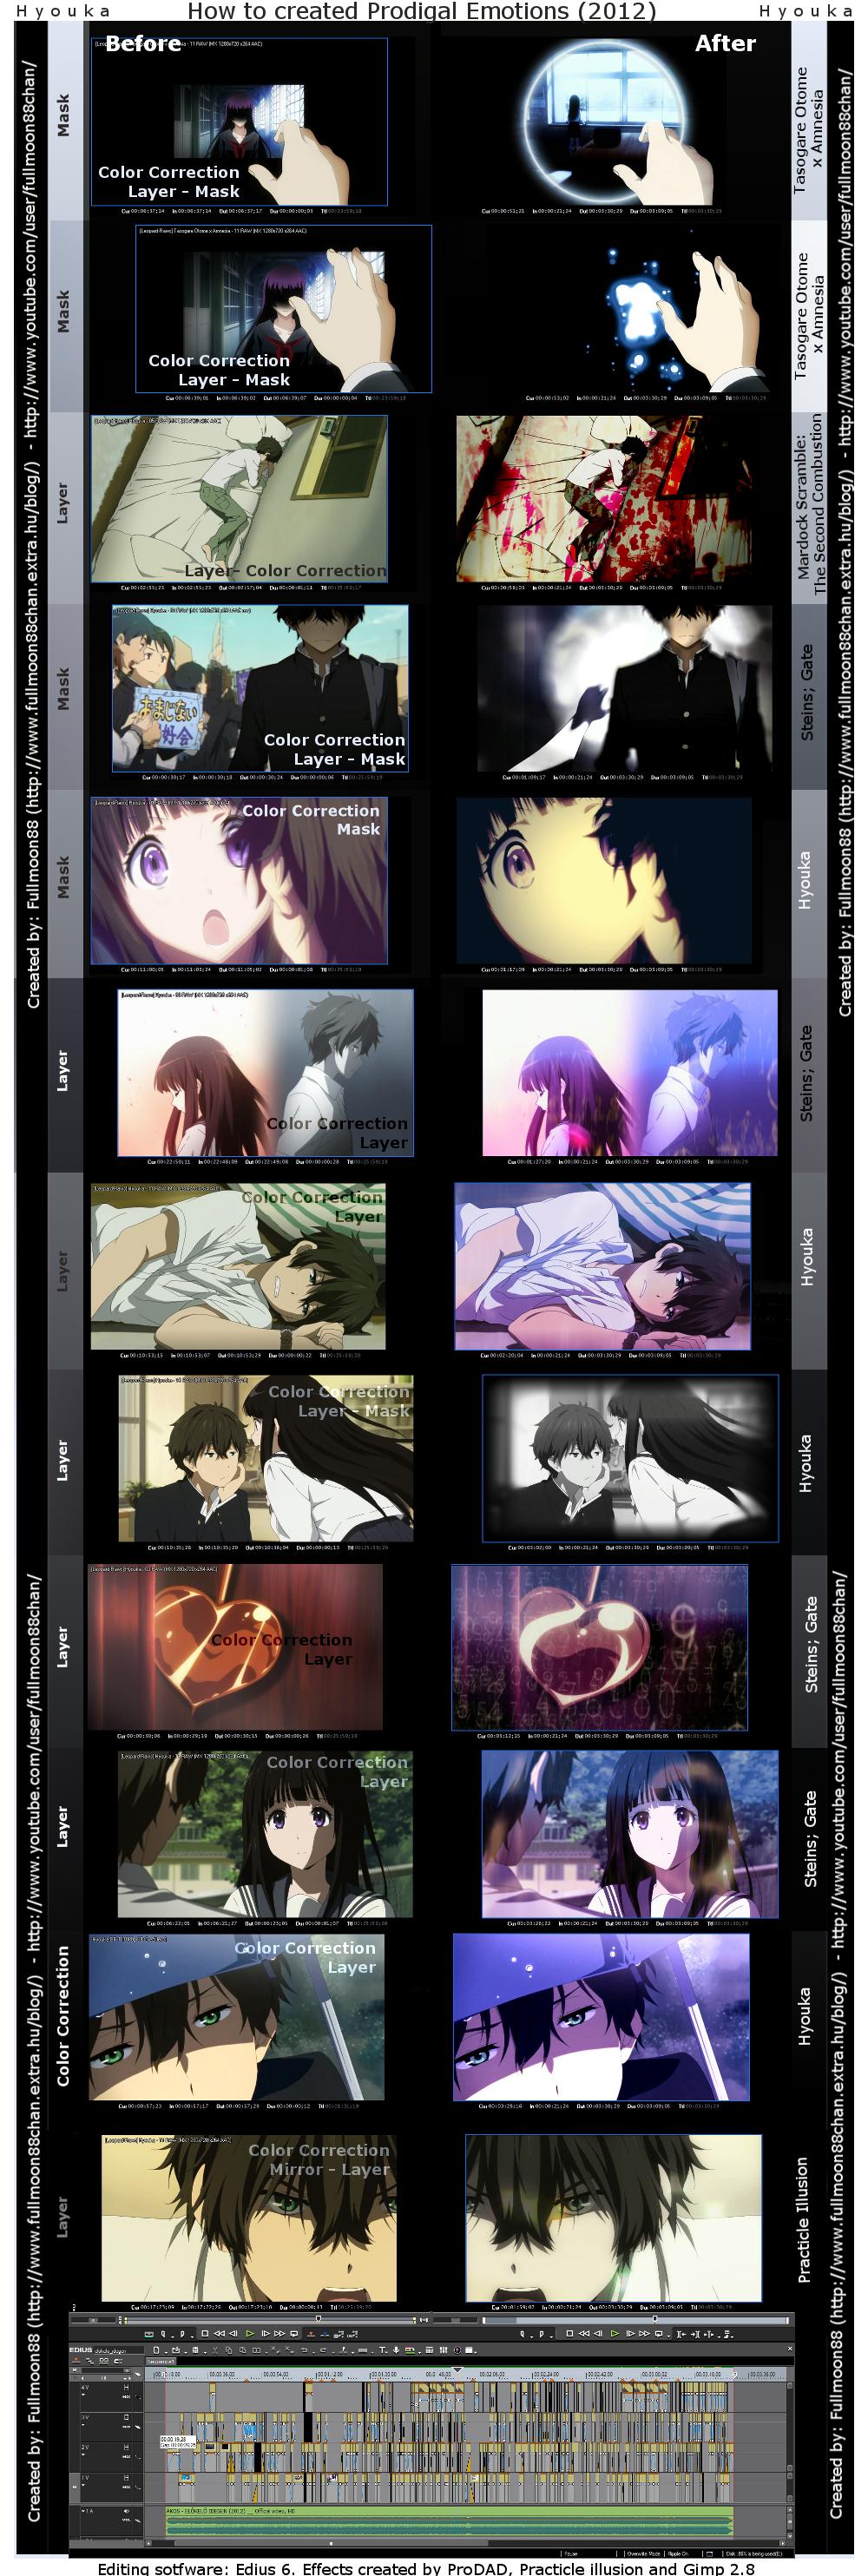 Hogyan készül! Prodigal Emotions AMV. Anime: Hyouka, Zene: Ákos - Előkelő Idegen.